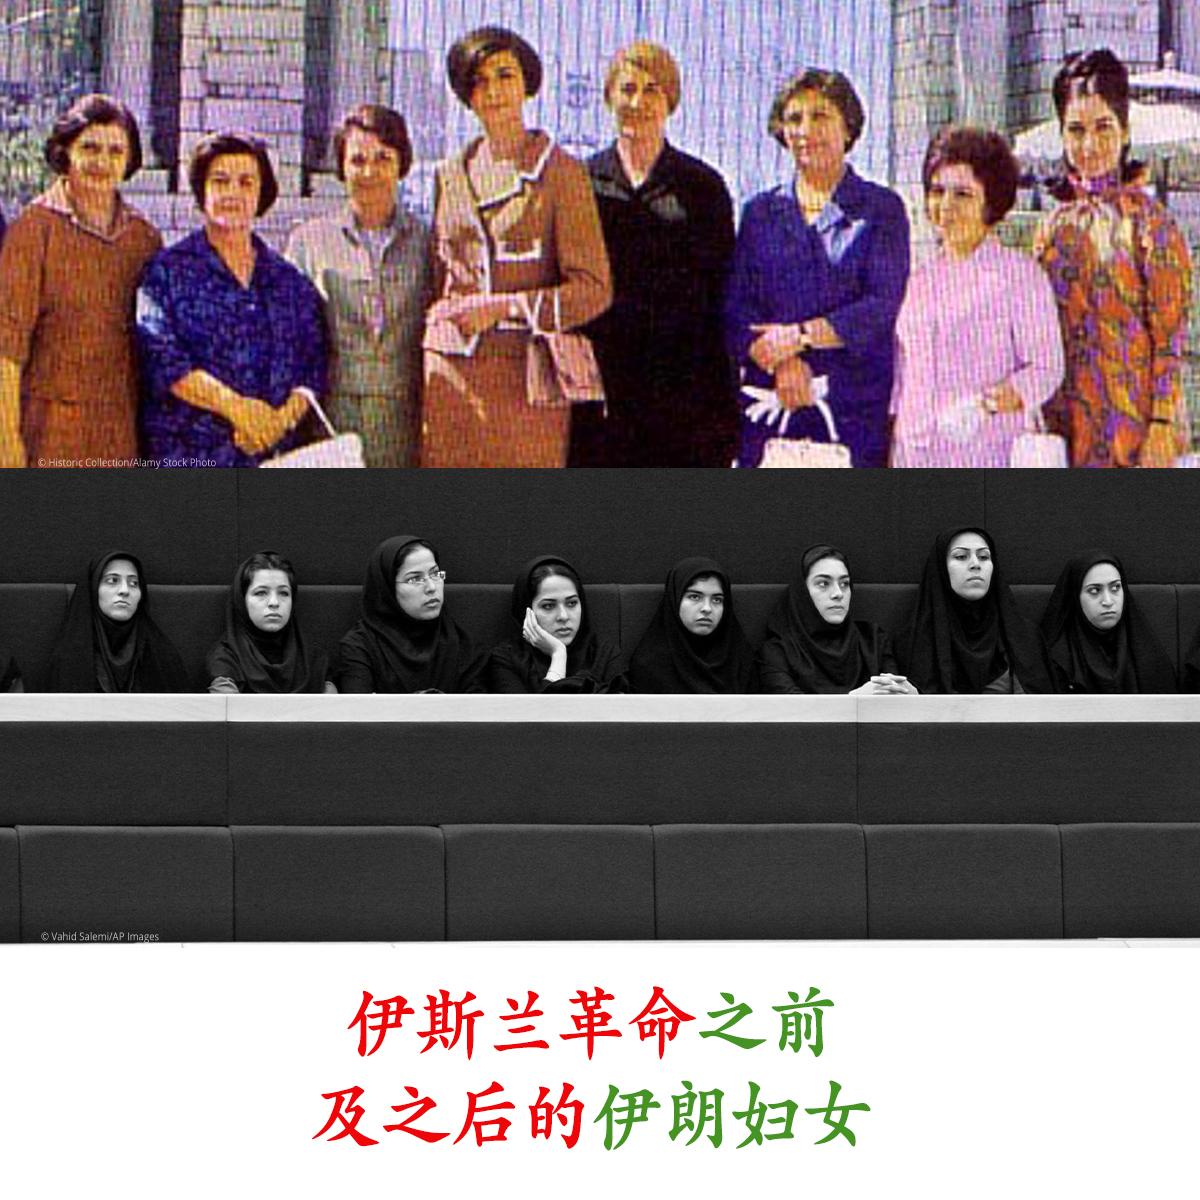 上图:身着职业套装的伊朗妇女(© Historic Collection/Alamy Stock Photo) 下图:戴着黑色盖头的妇女(© Vahid Salemi/AP Images)